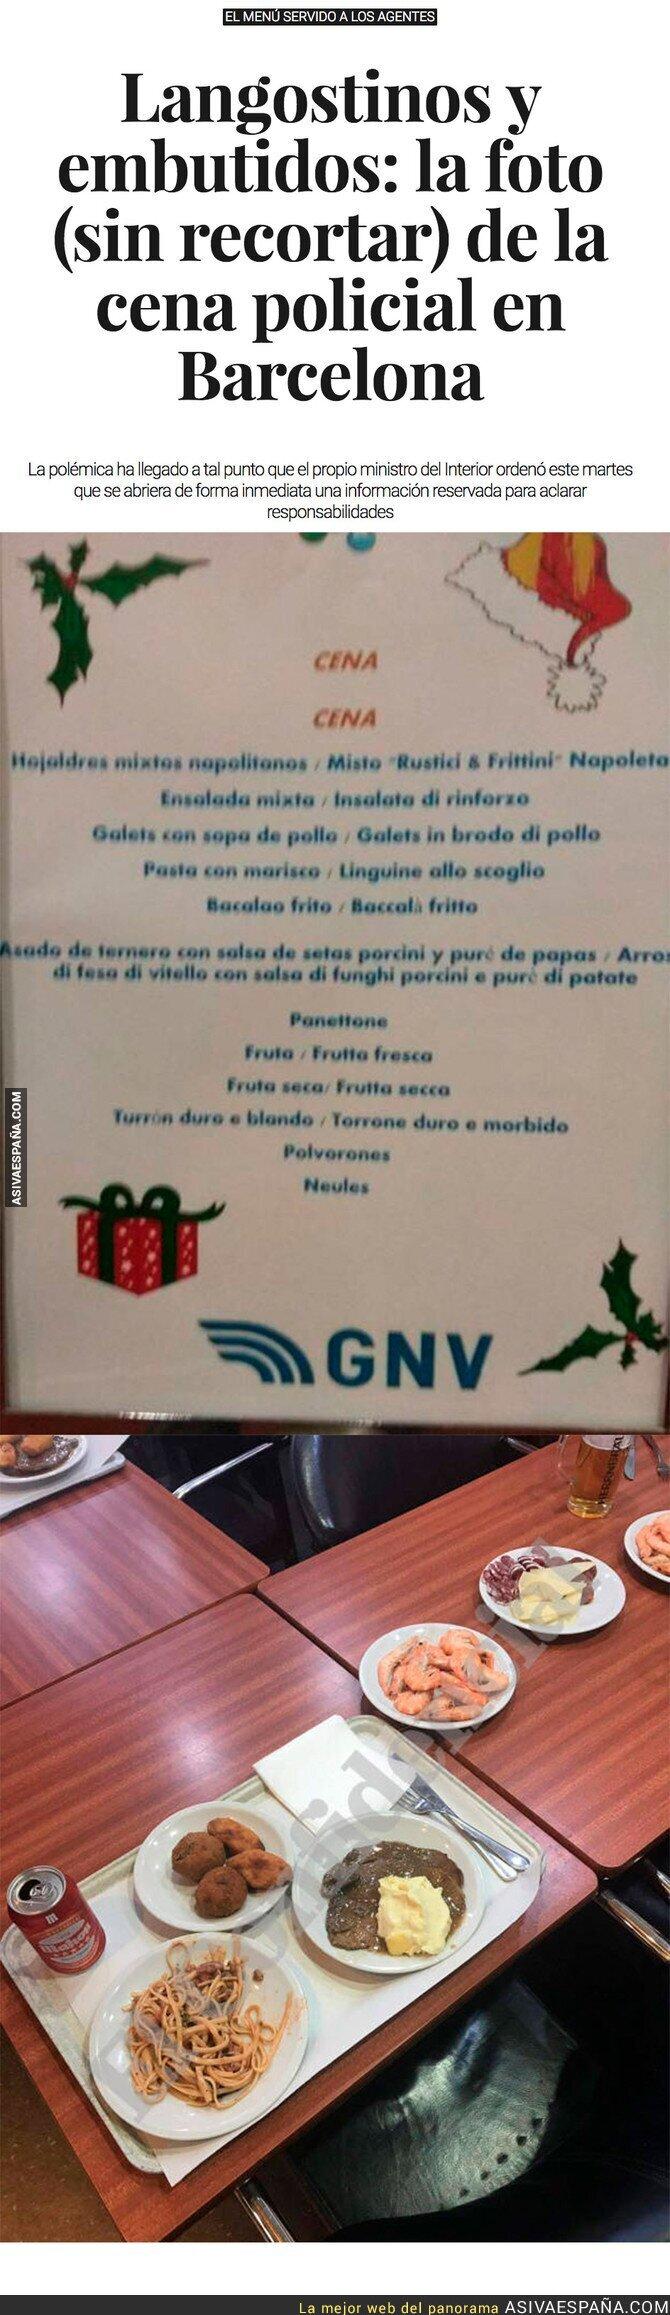 80657 - Esta es la foto REAL sin manipular que difundió la Policía sobre su cena de Nochebuena en Barcelona